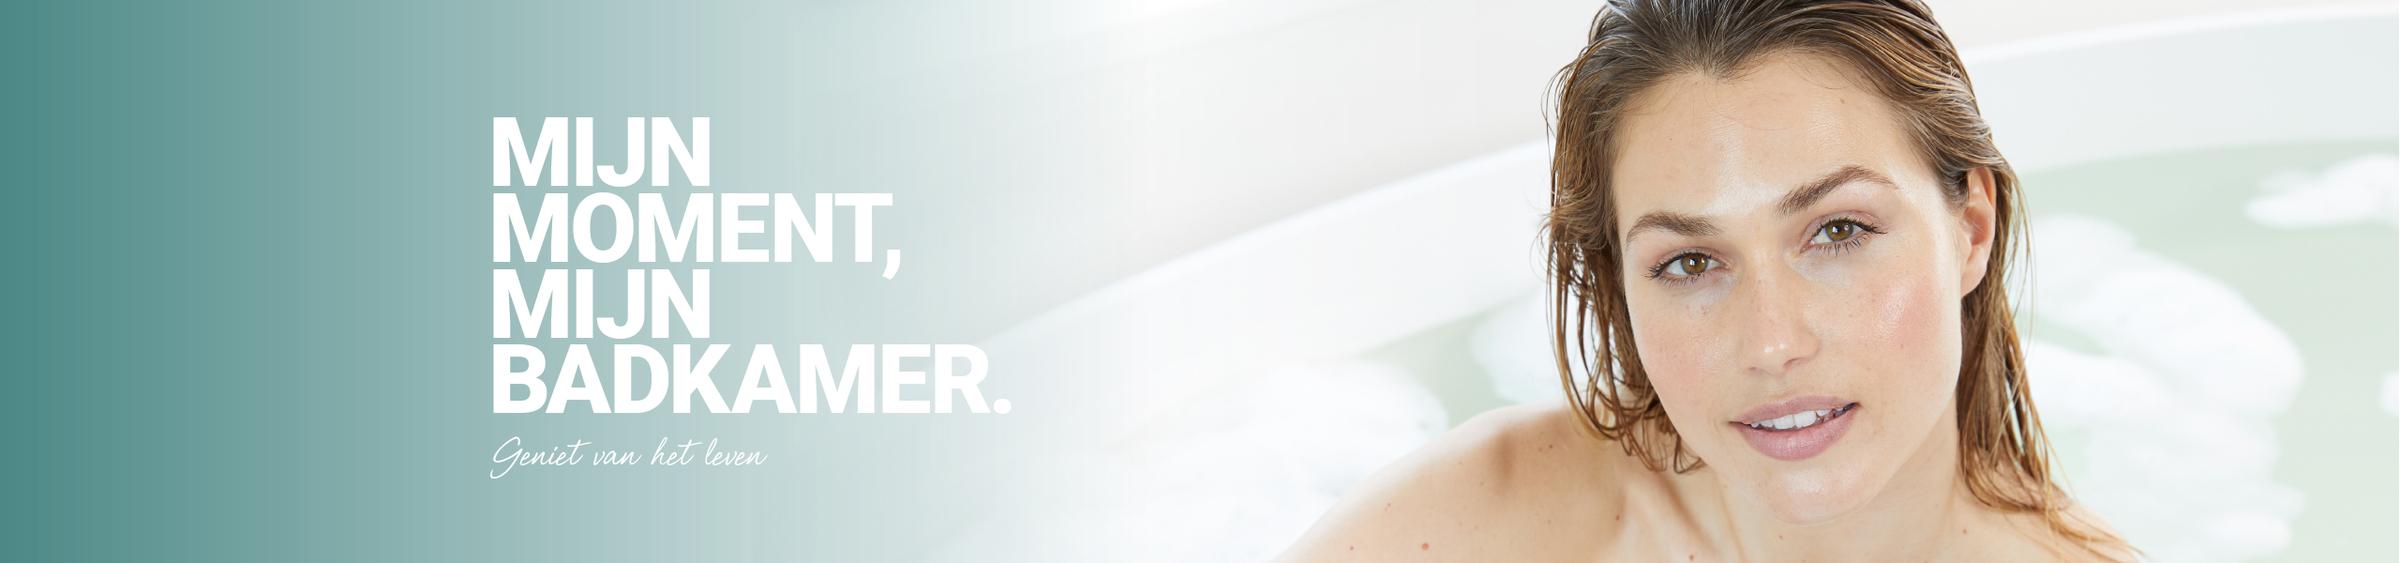 Wellness badkamer inrichten - Wellness badkamer inrichten